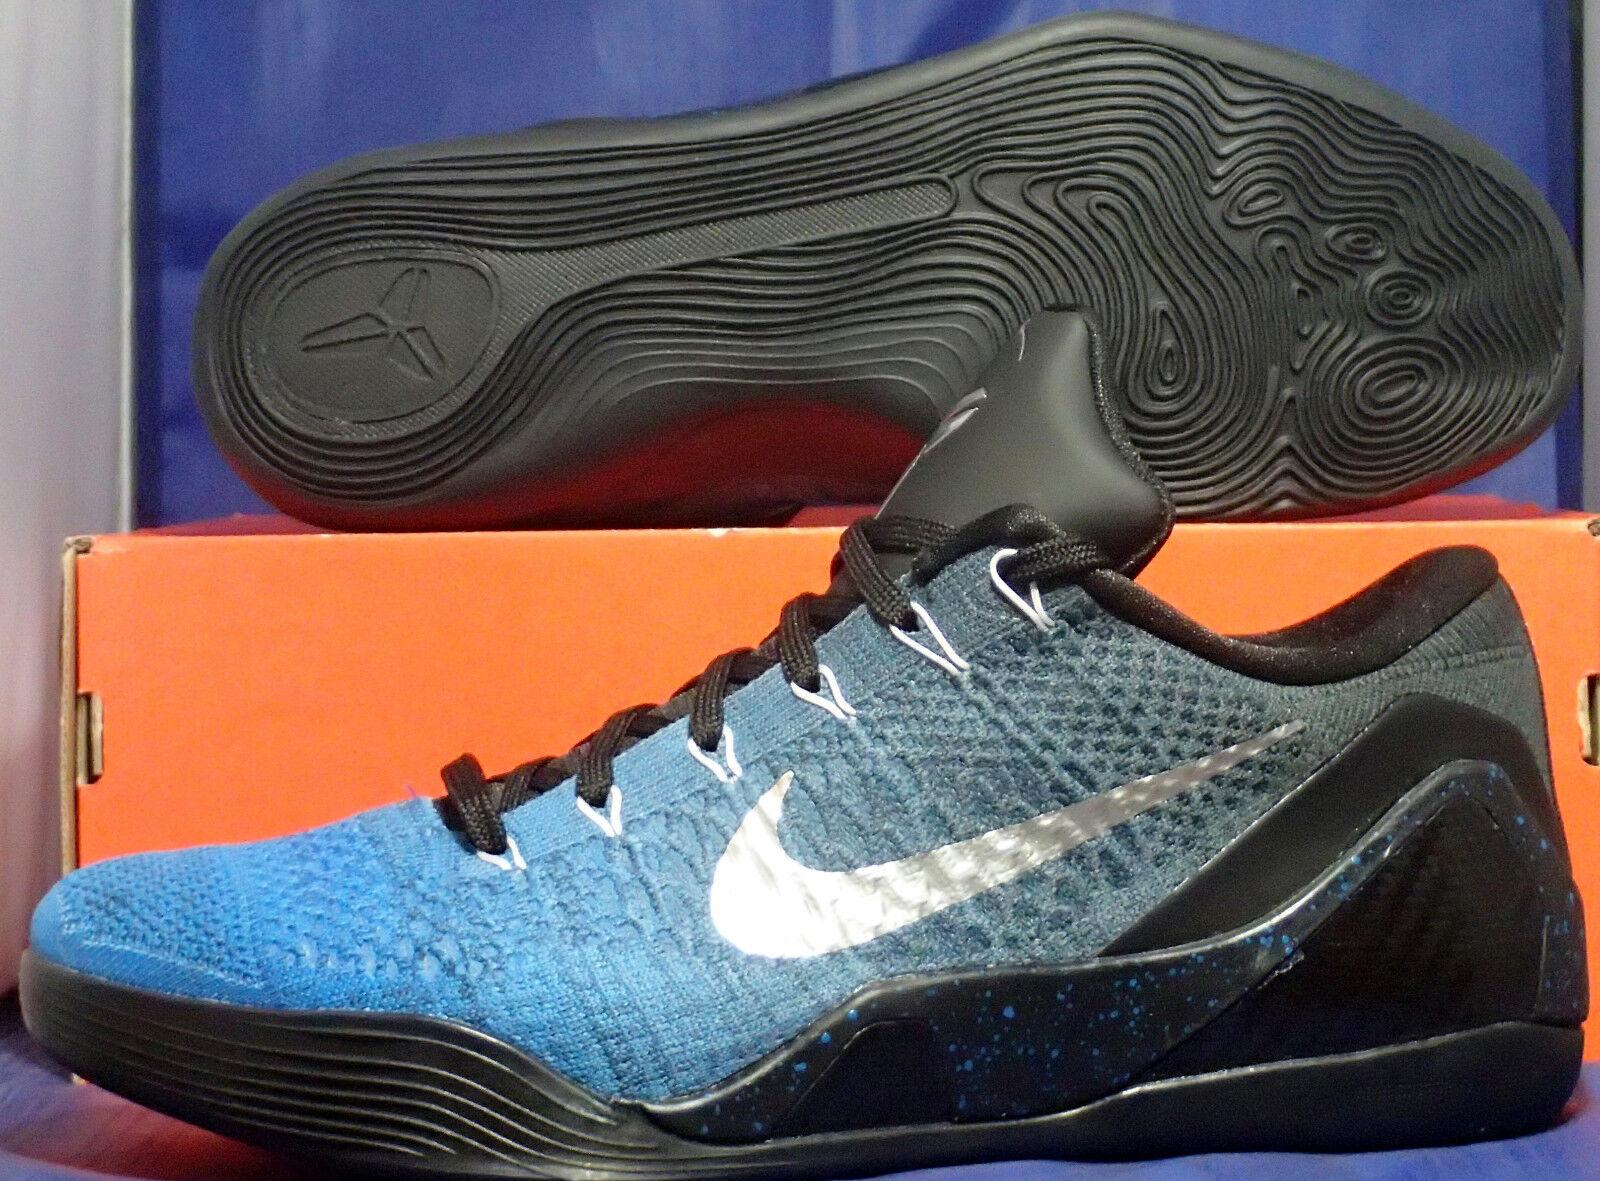 Nike Kobe IX 9 Elite Black Low Flyknit iD Blue Black Elite Silver SZ 12 ( 677992-994 ) cfeaa2